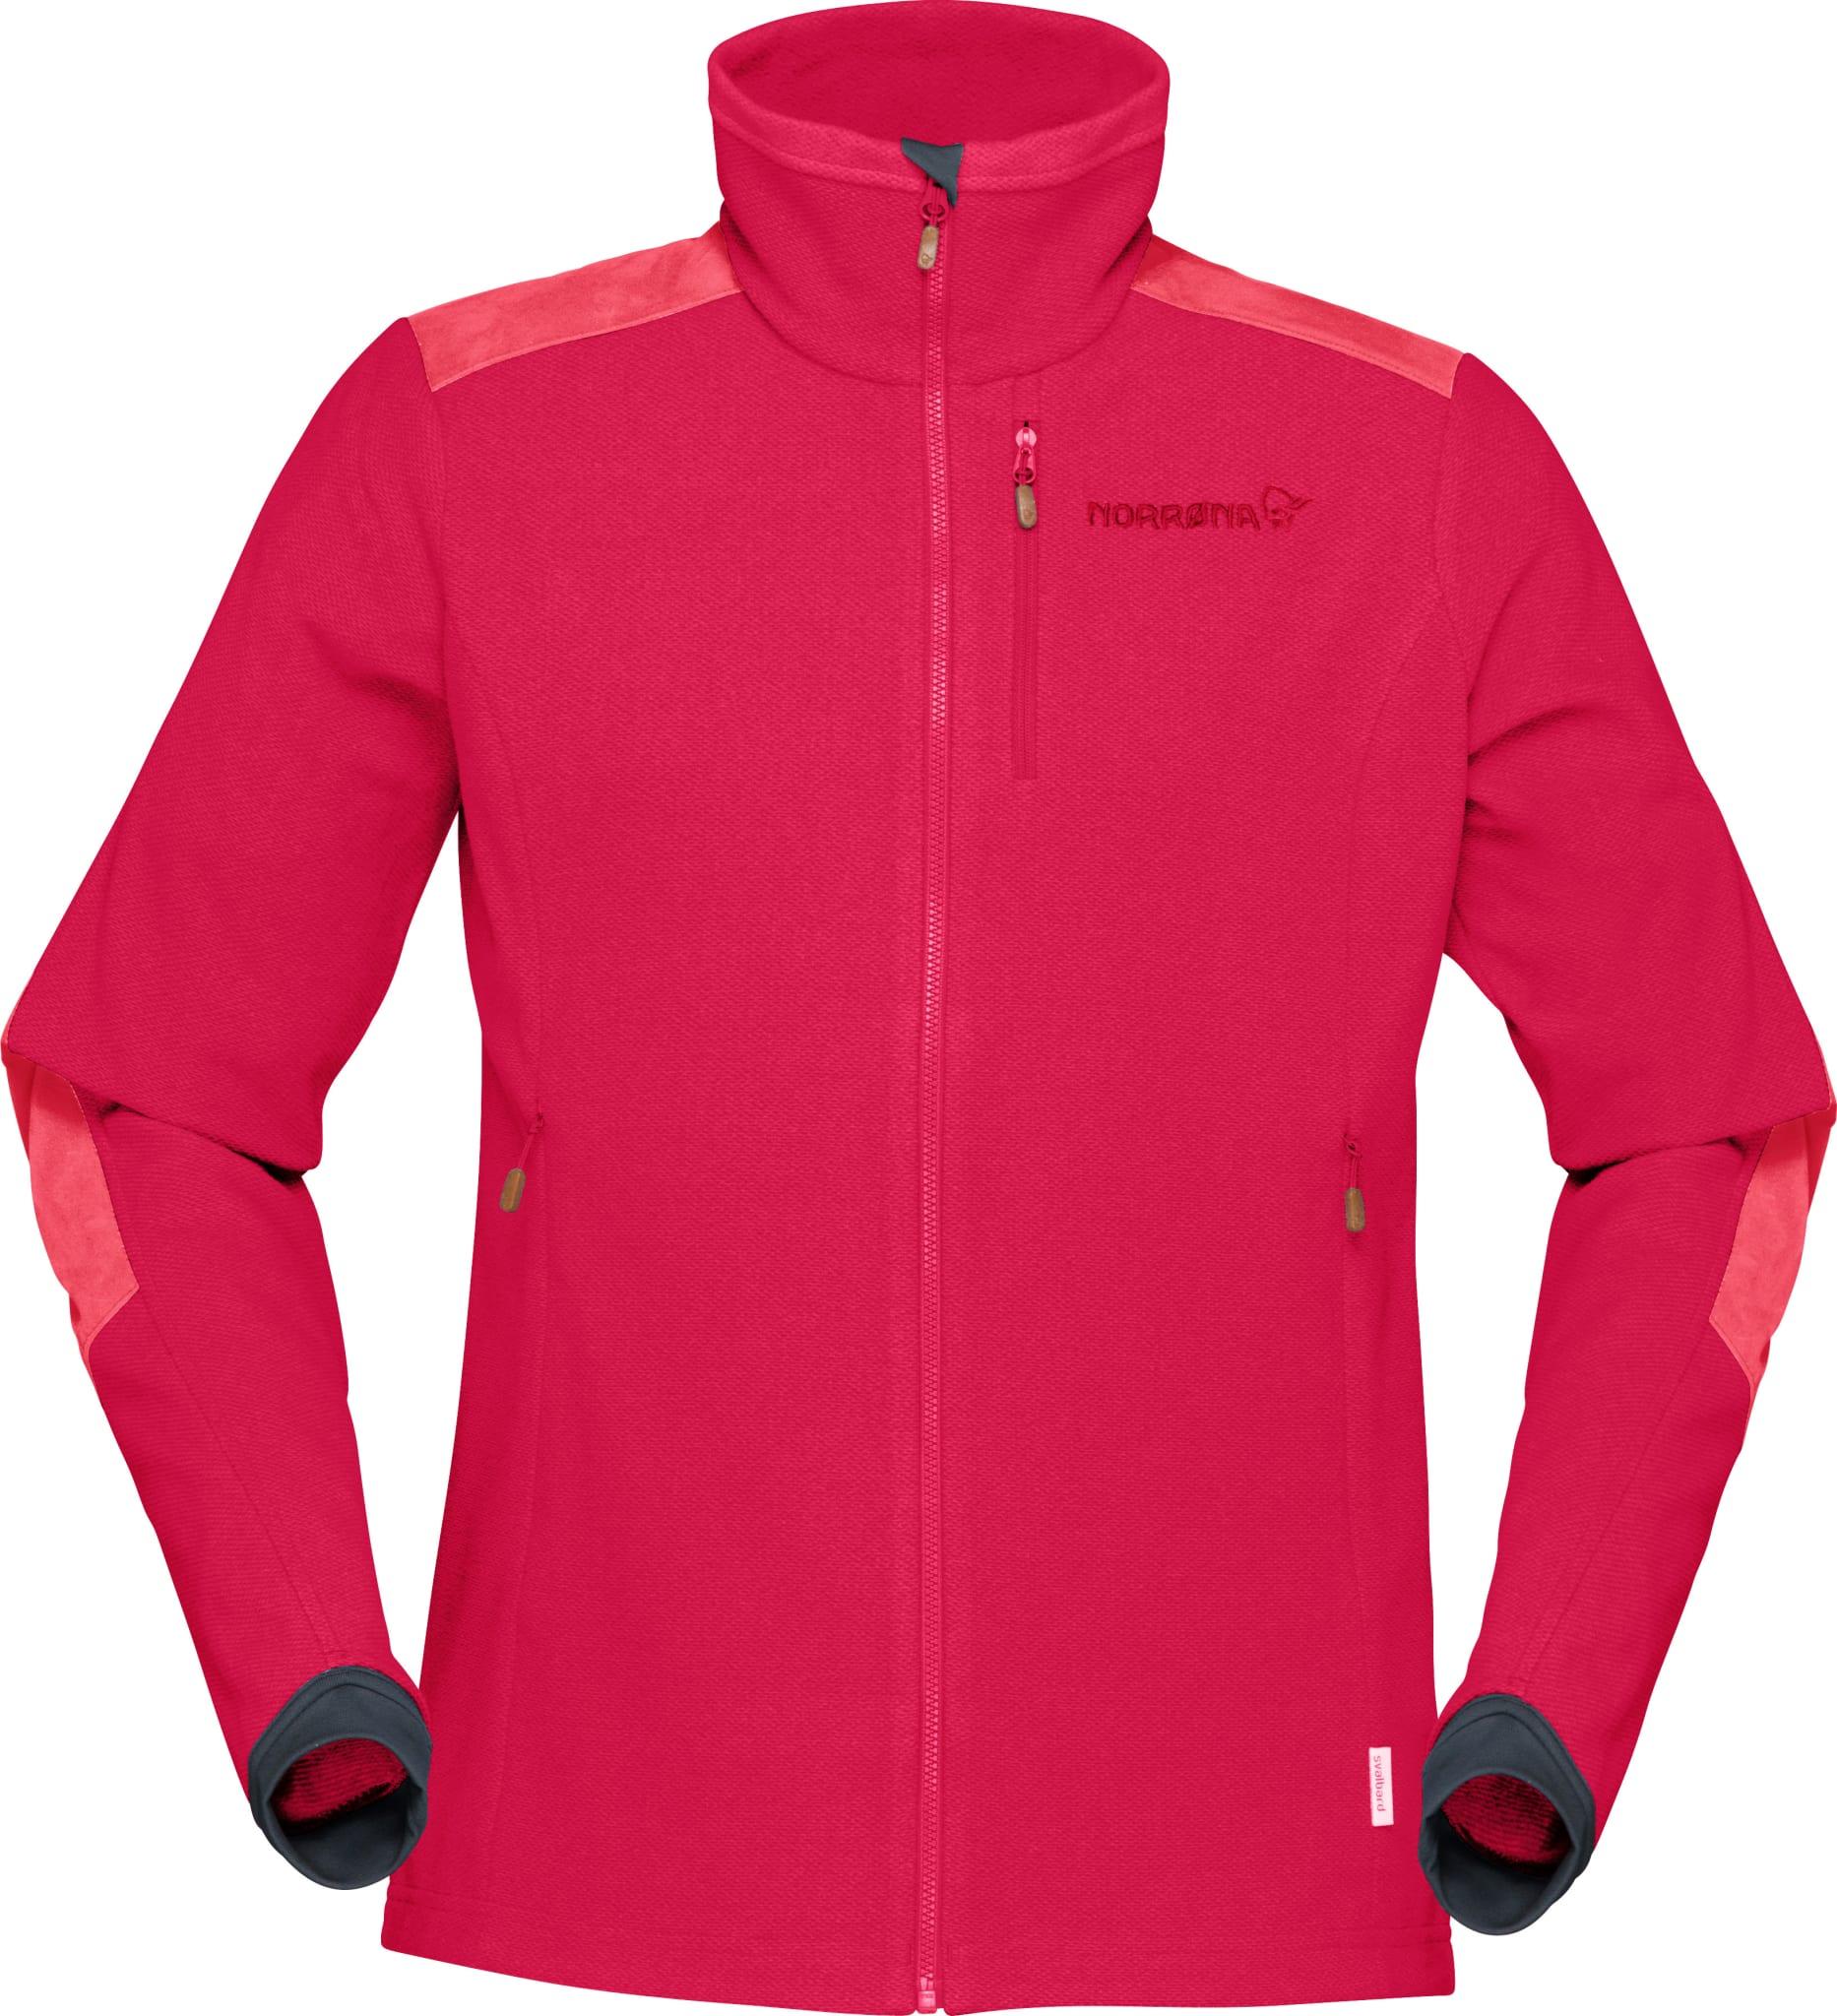 Svalbard warm1 Jacket W